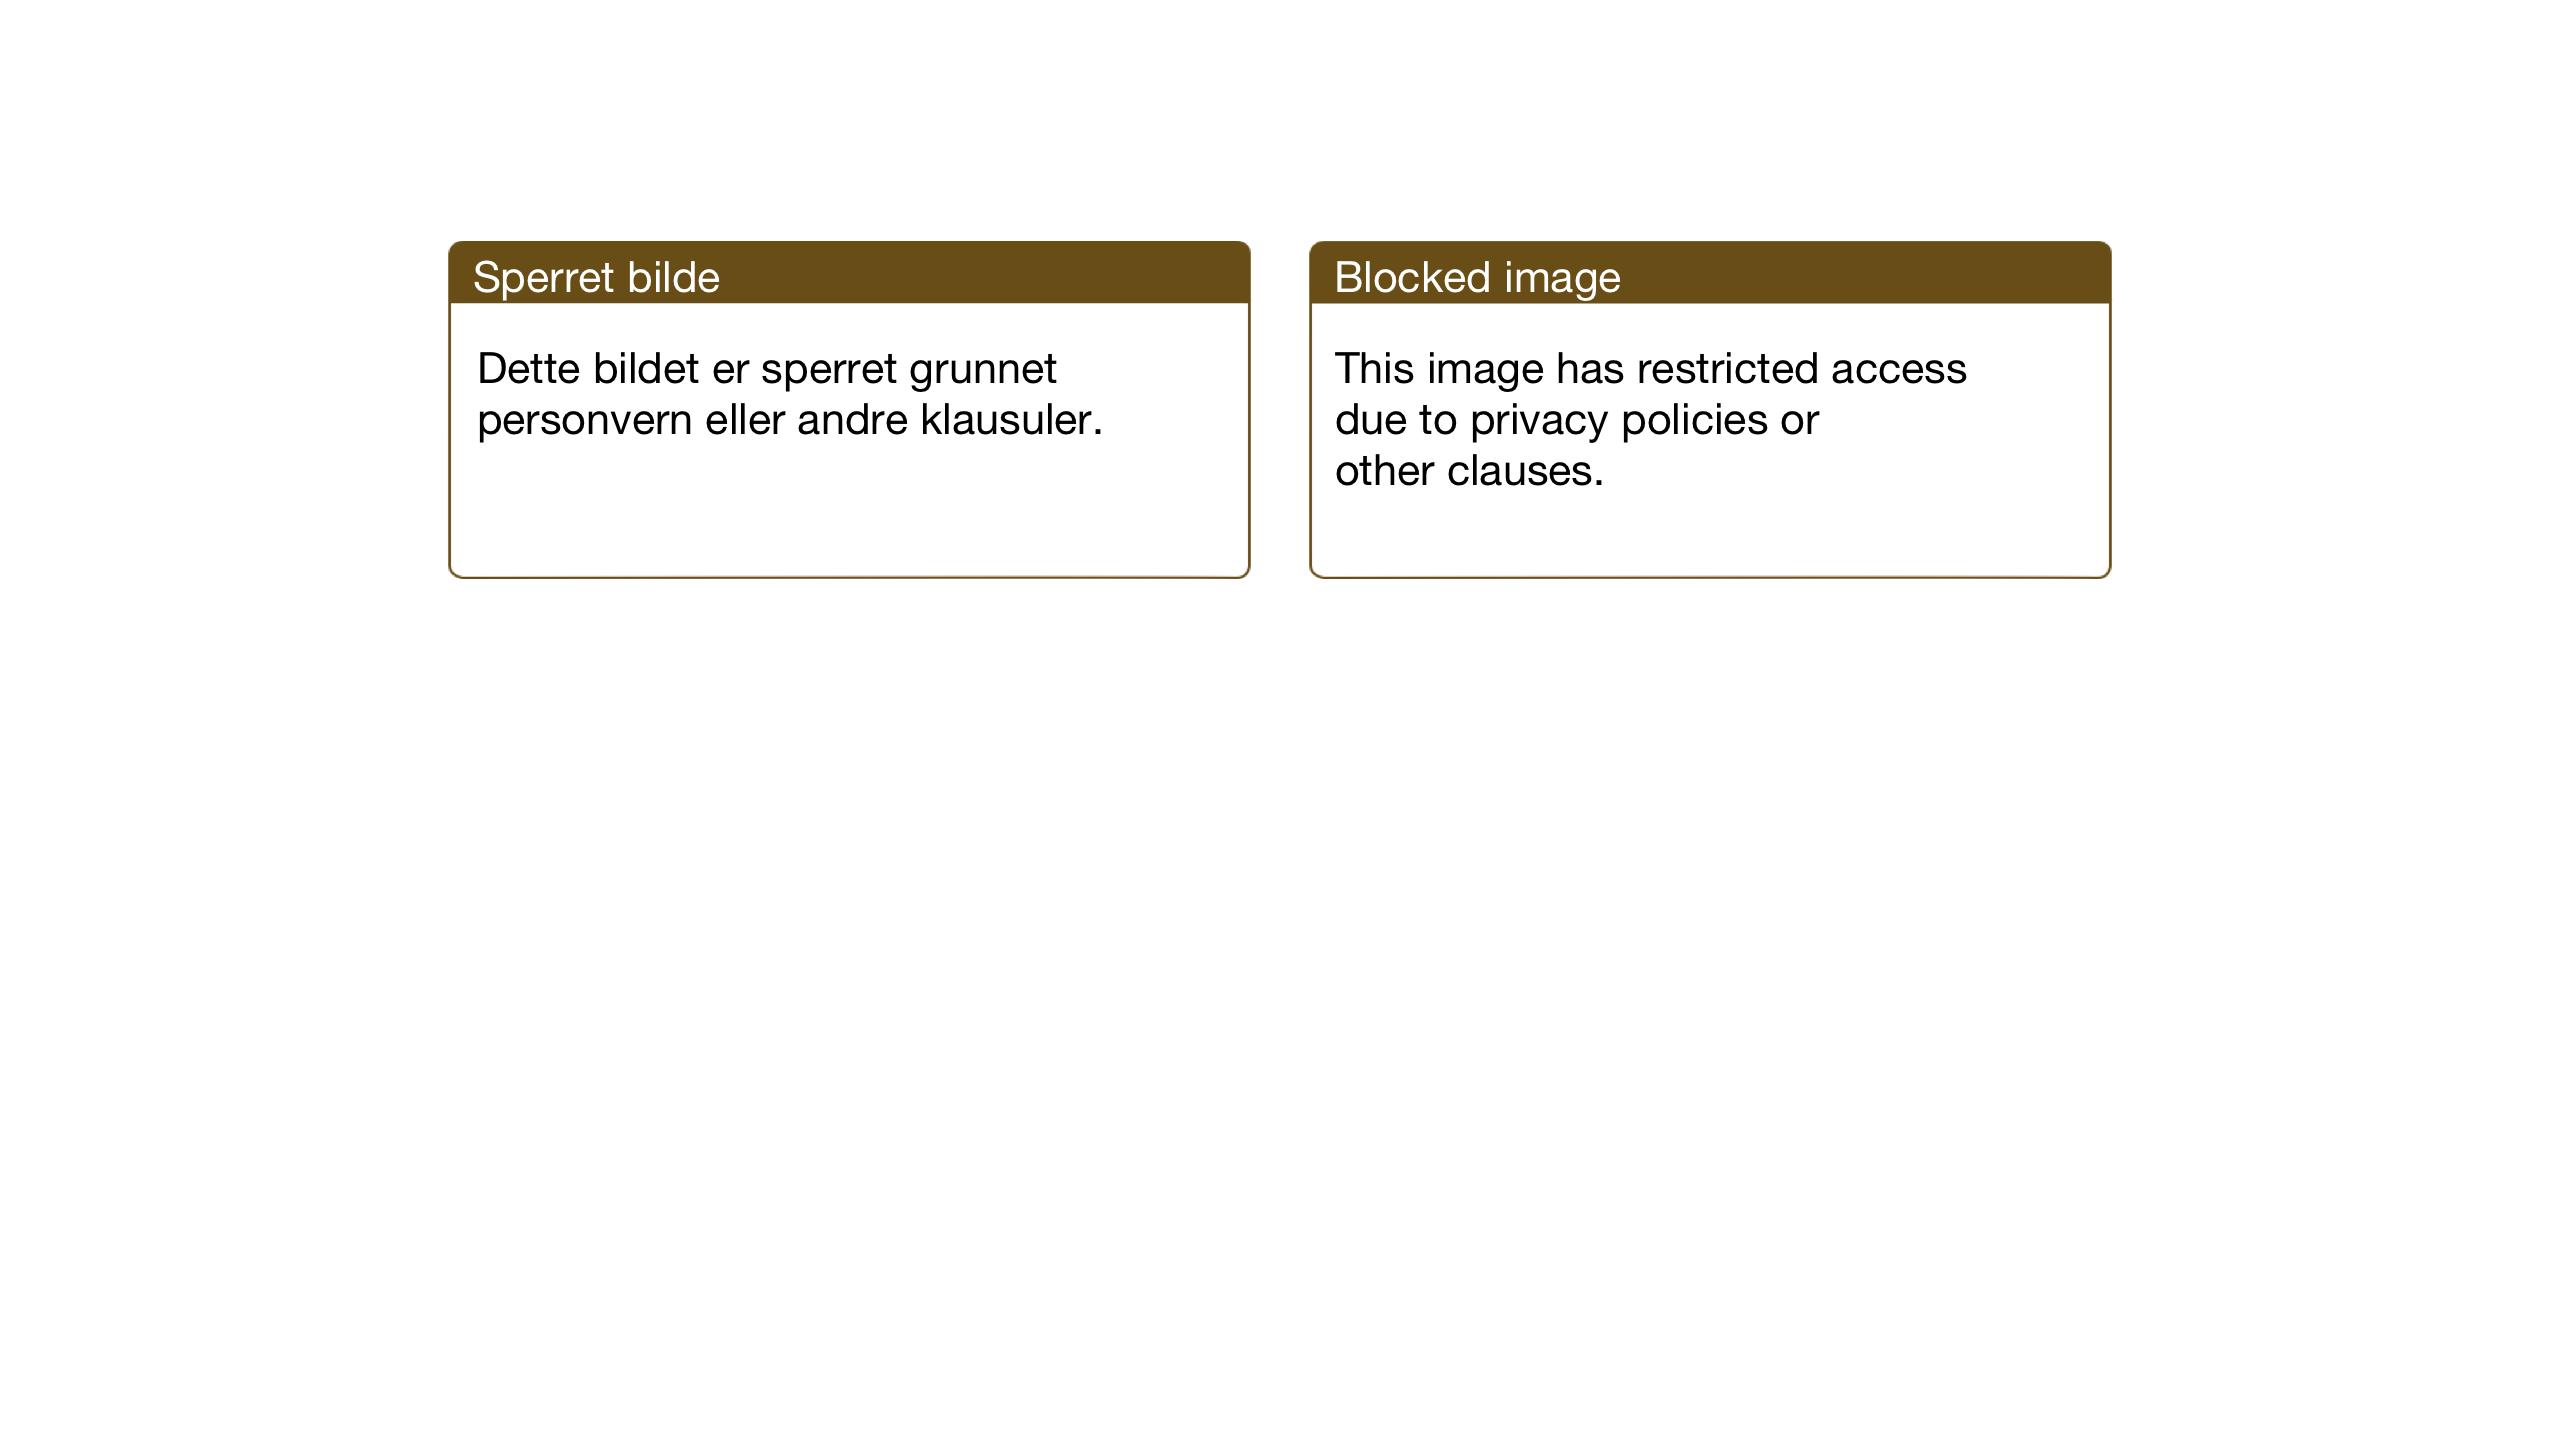 SAT, Ministerialprotokoller, klokkerbøker og fødselsregistre - Sør-Trøndelag, 681/L0944: Klokkerbok nr. 681C08, 1926-1954, s. 141